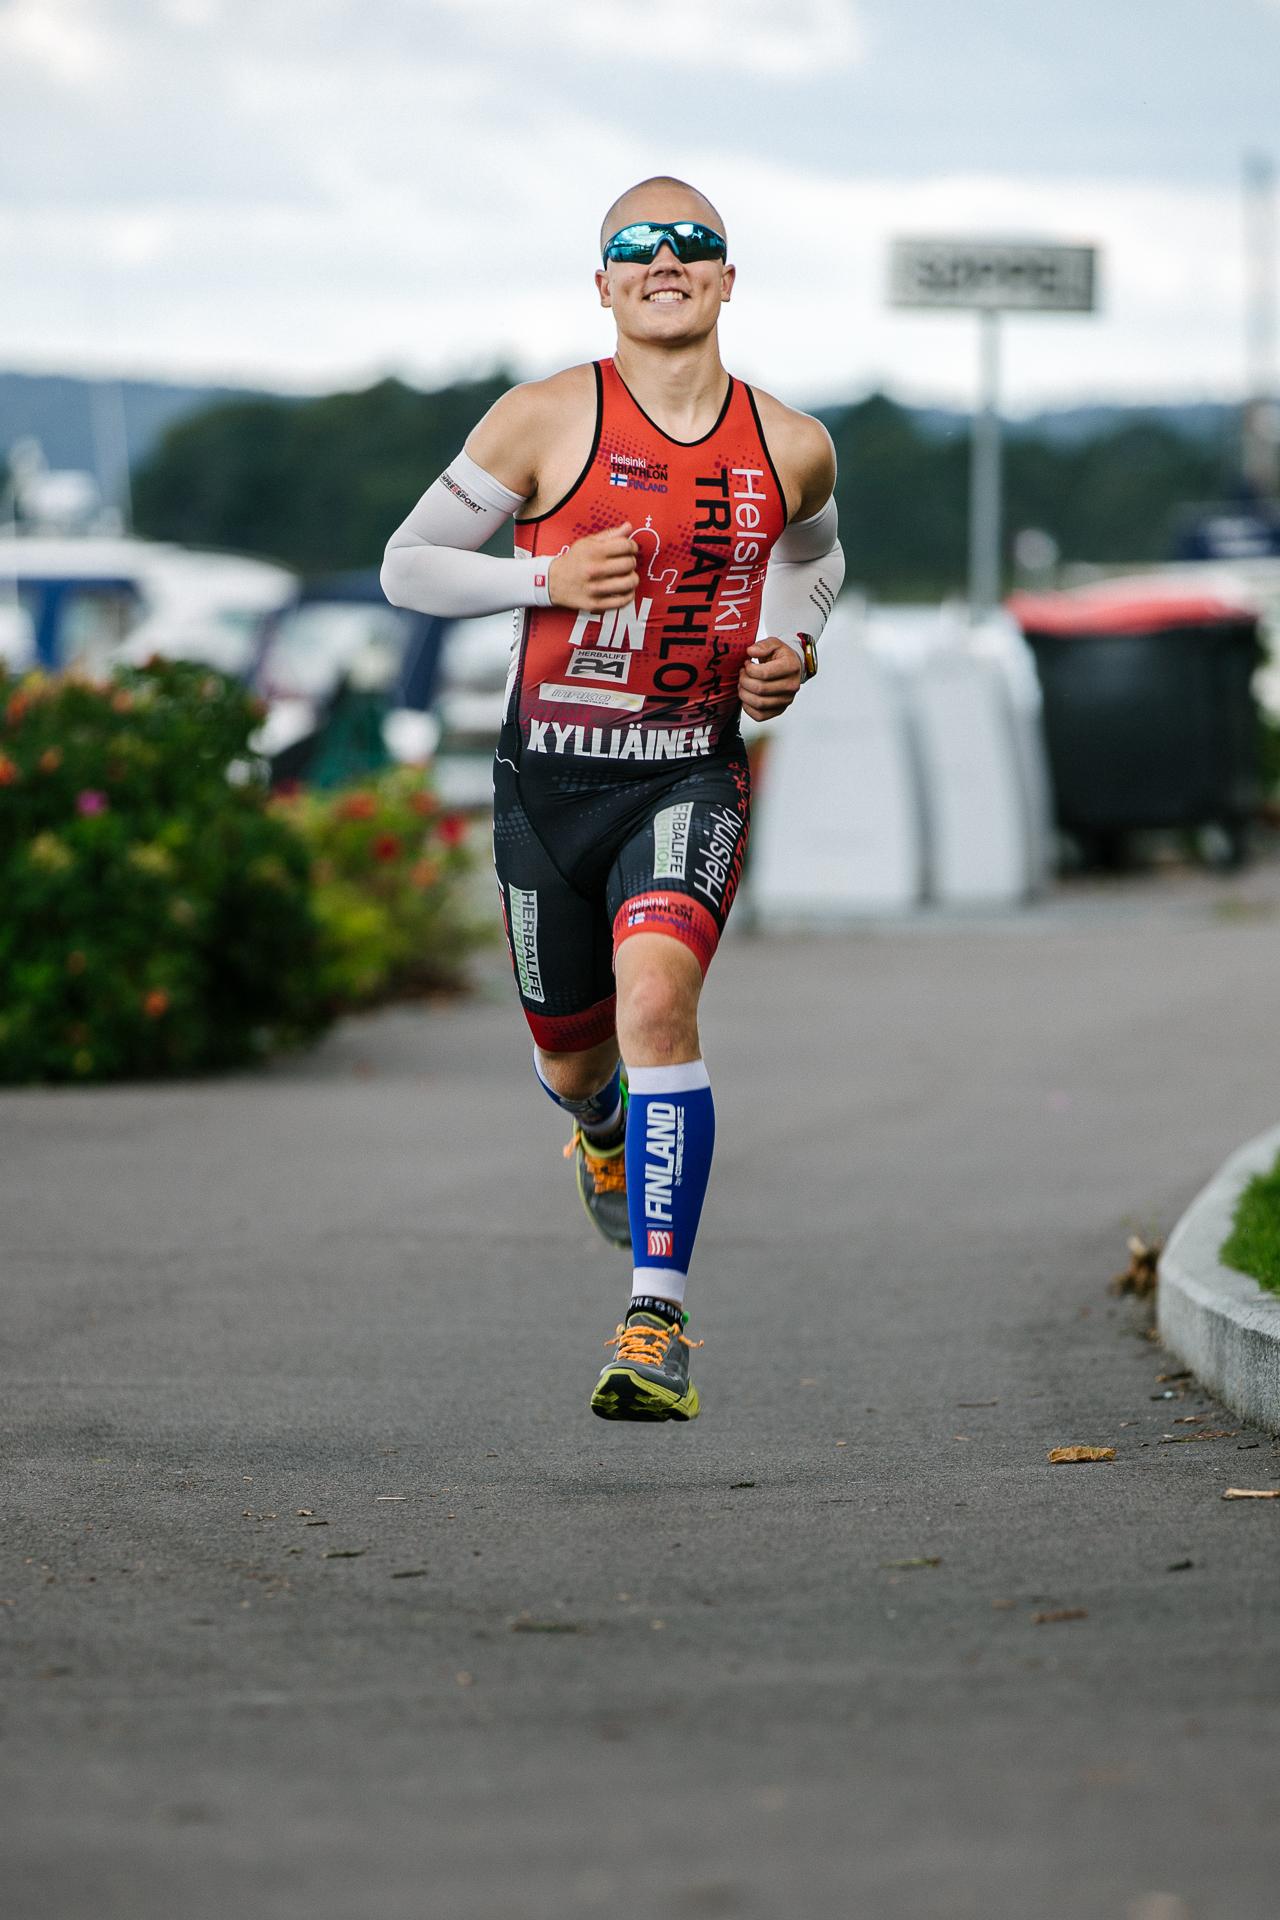 Triathlon athlete Mitja Kylliainen from Finland.